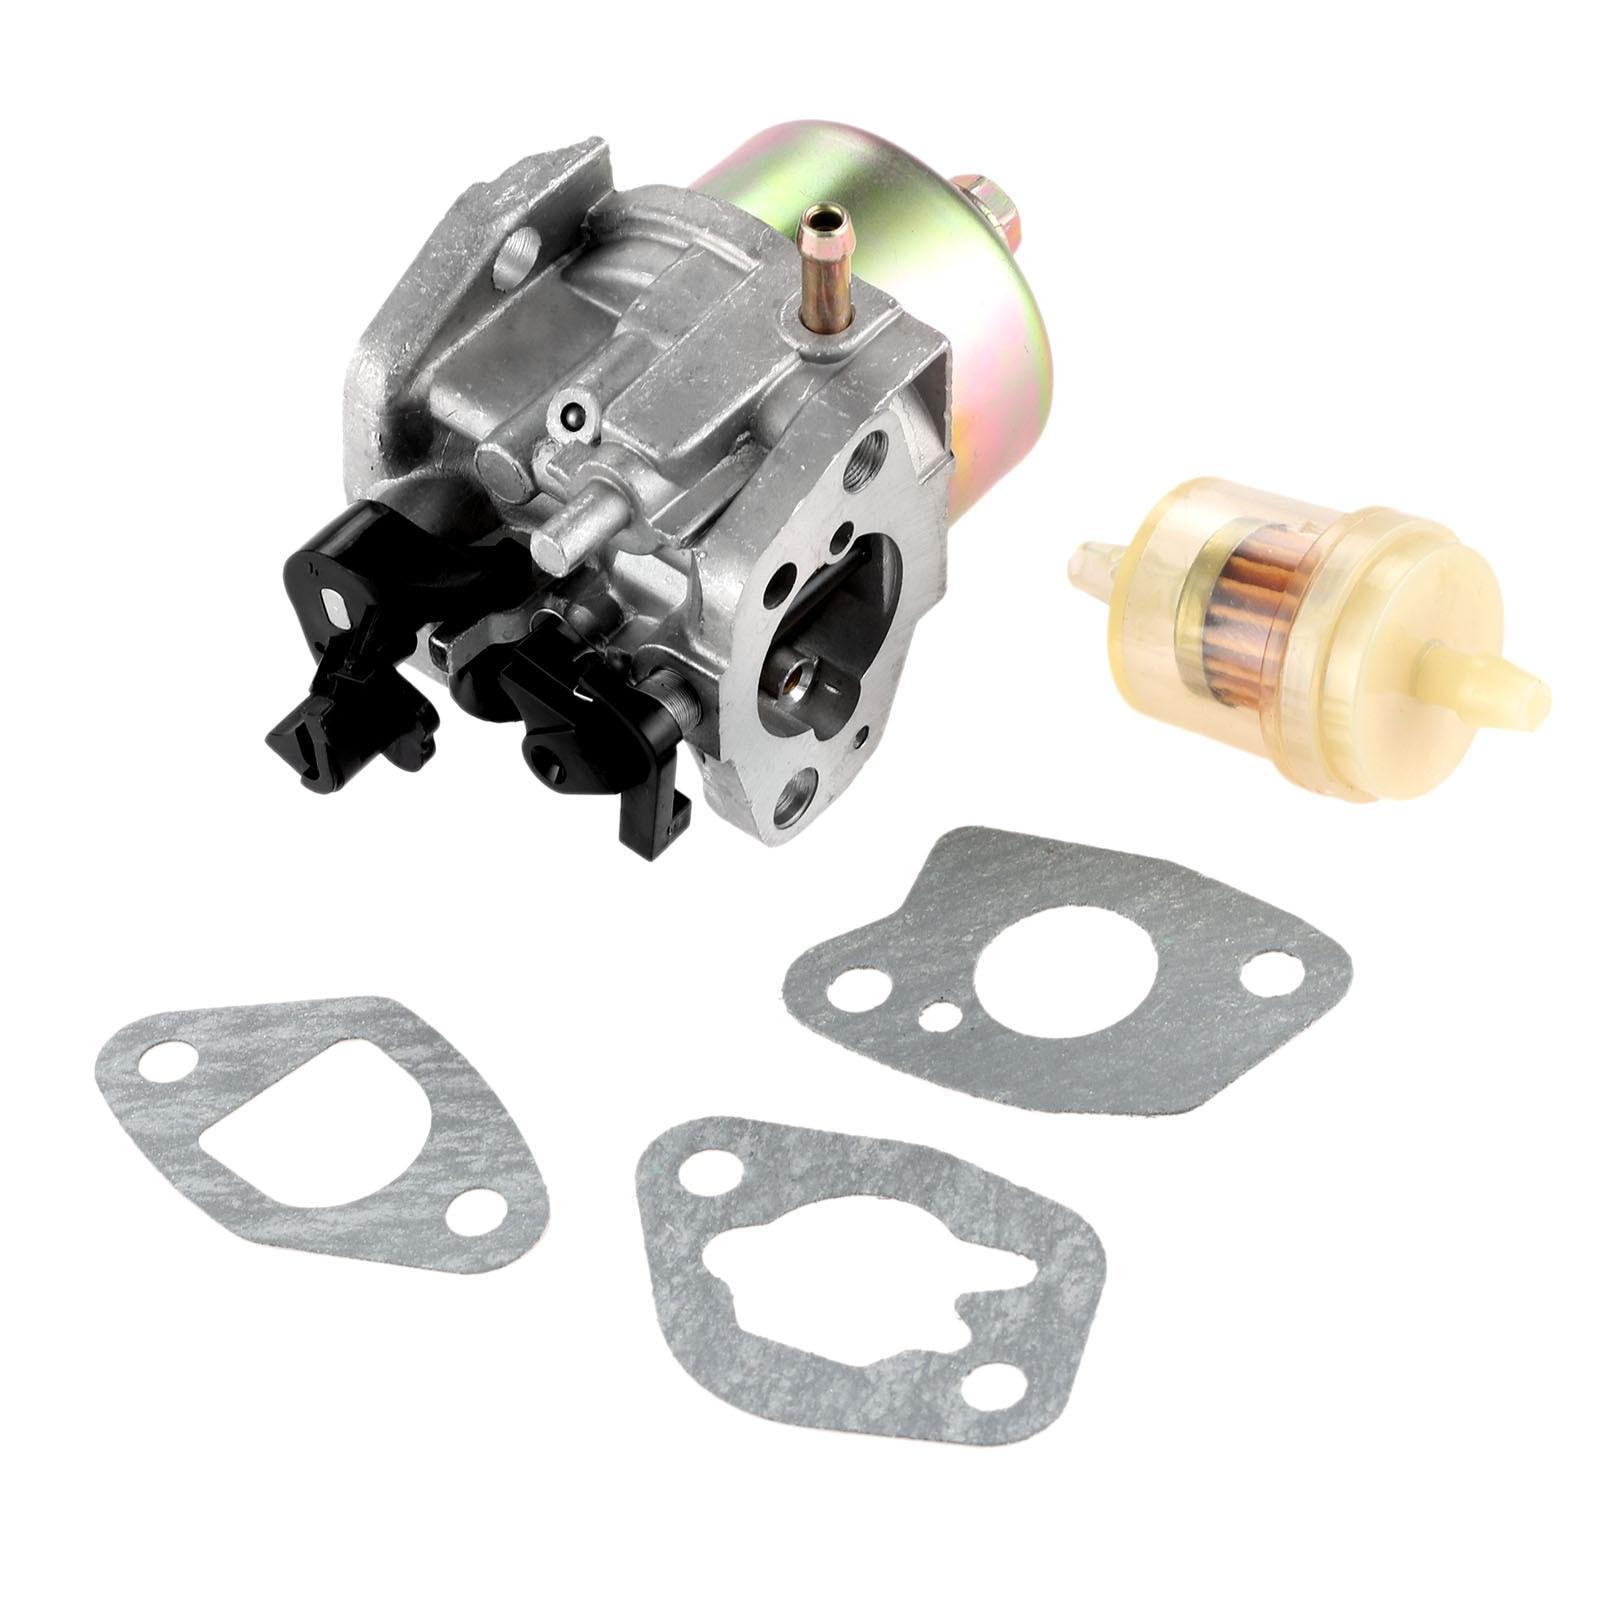 hight resolution of dreld carburetor with carburetor gasket fuel filter for mtd cub cadet troy bilt lawn mower engines